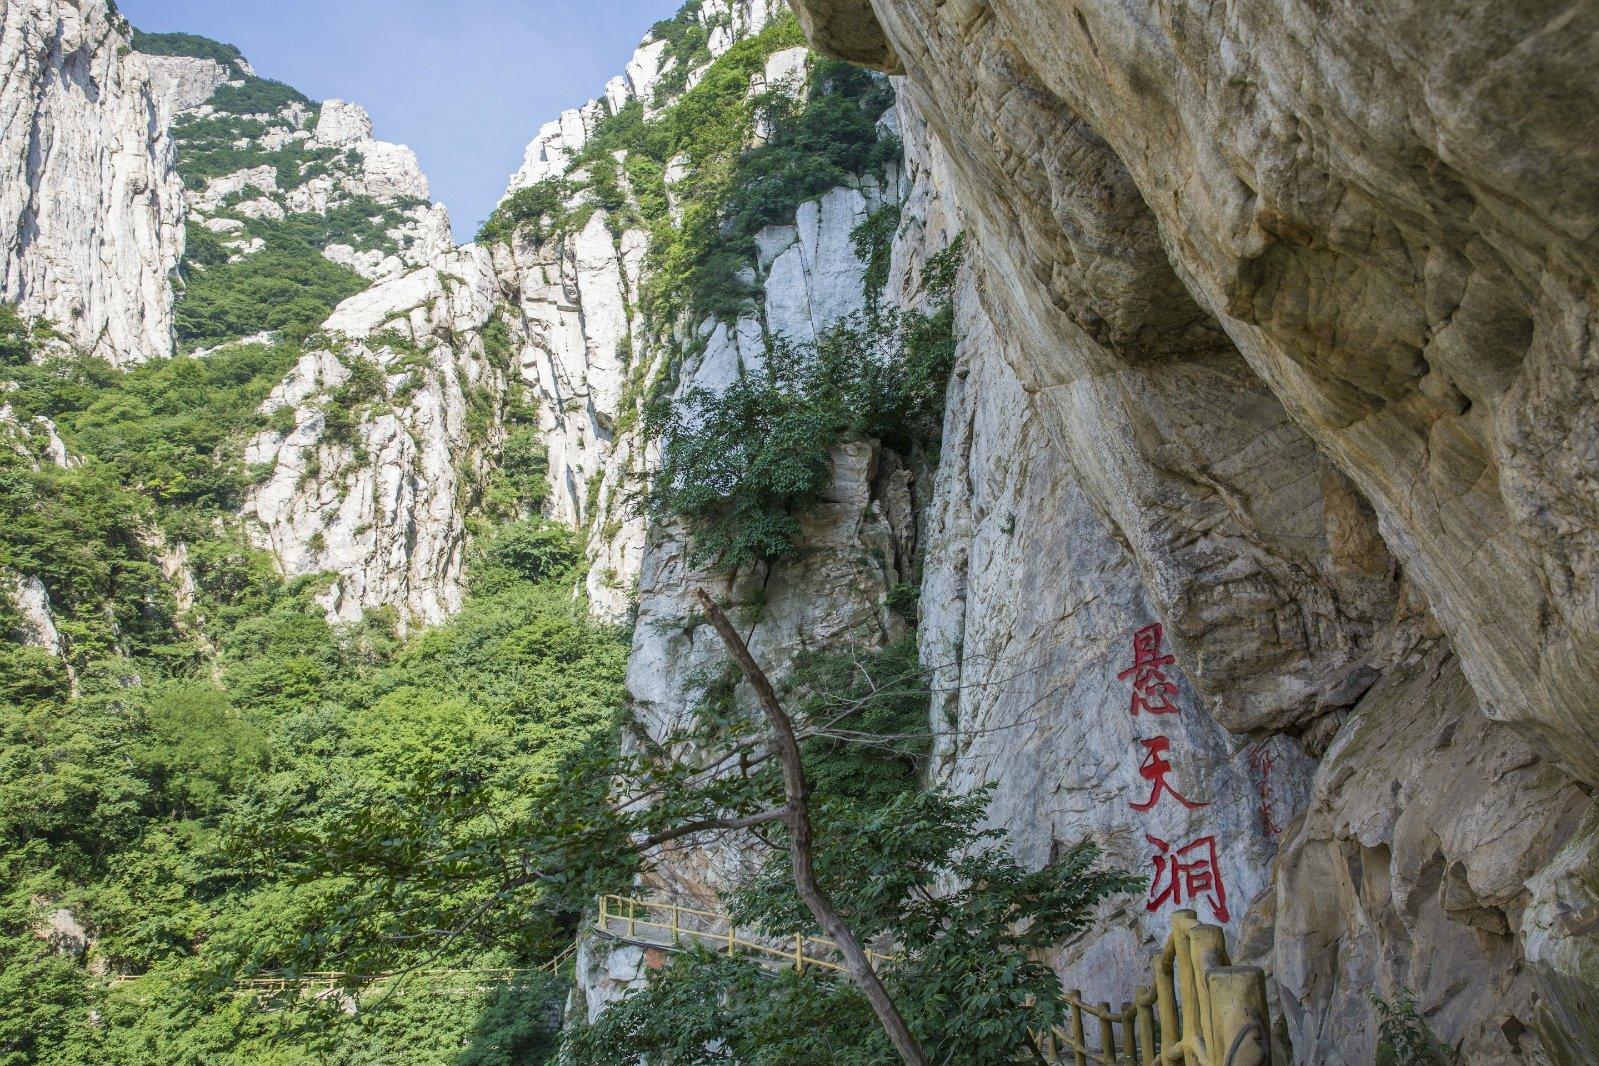 2019攻略寨转过悬崖,游玩弯,看到攻略的三皇峭从济南到青岛一日游褶皱图片